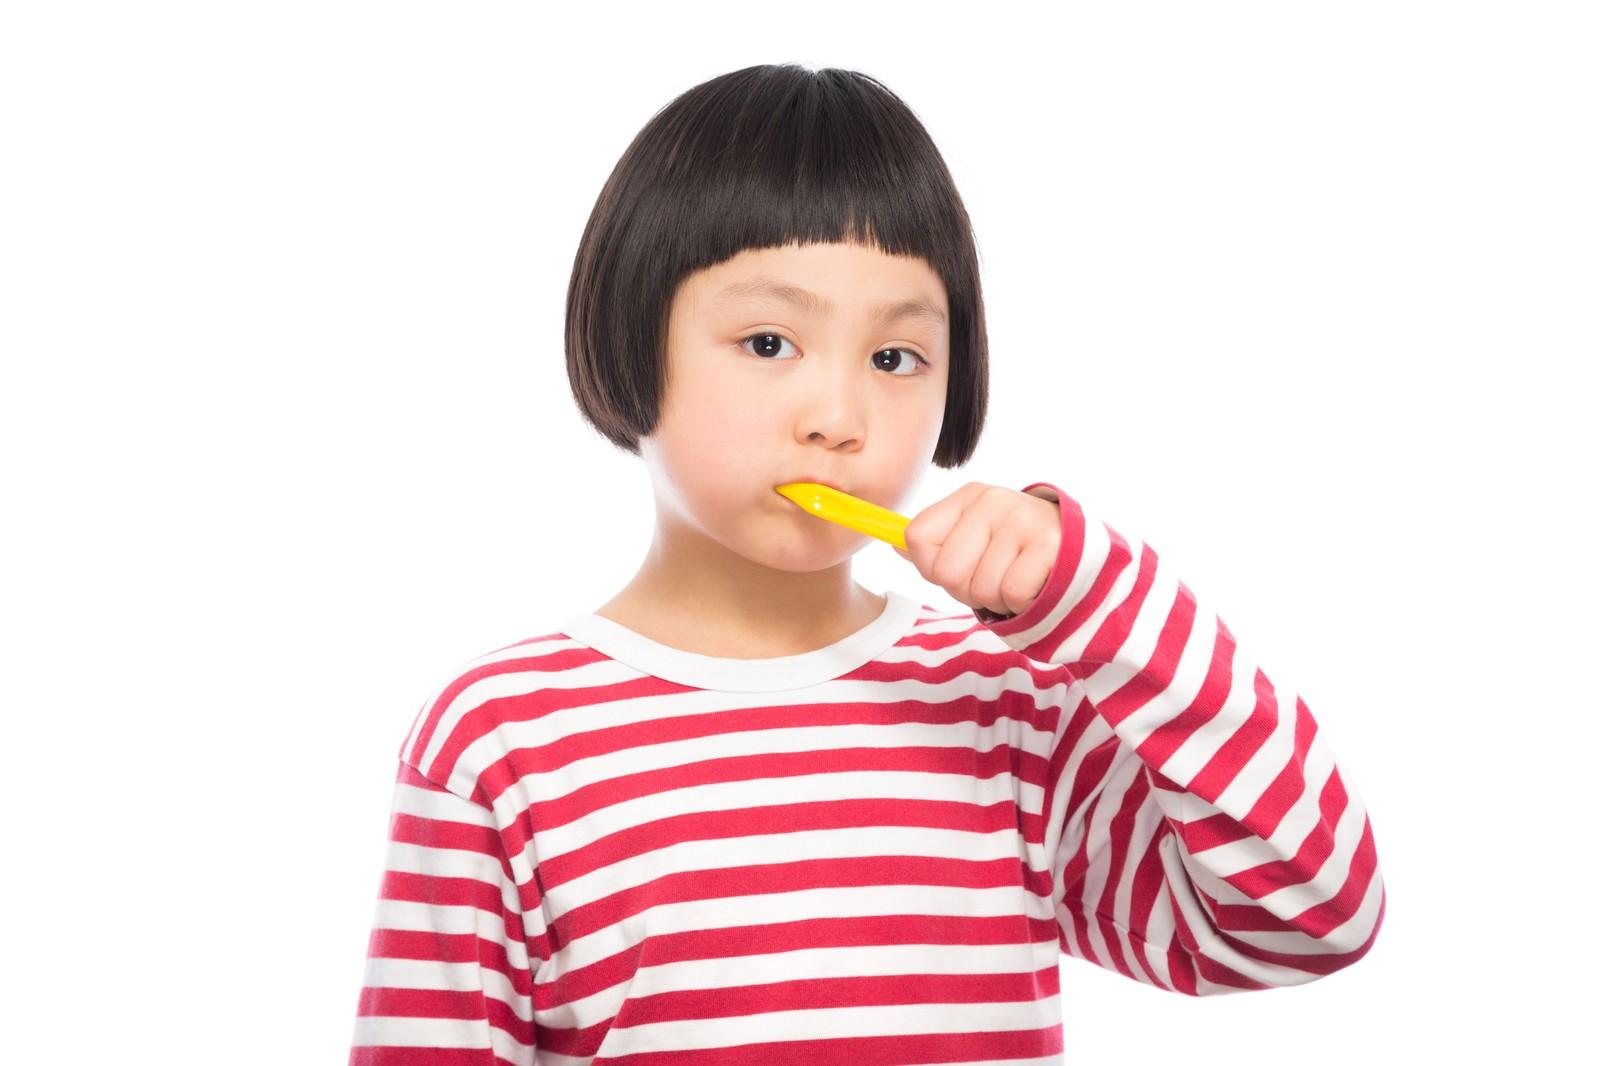 徹底管理!保育園の時期に出来るおススメの虫歯予防7選◇